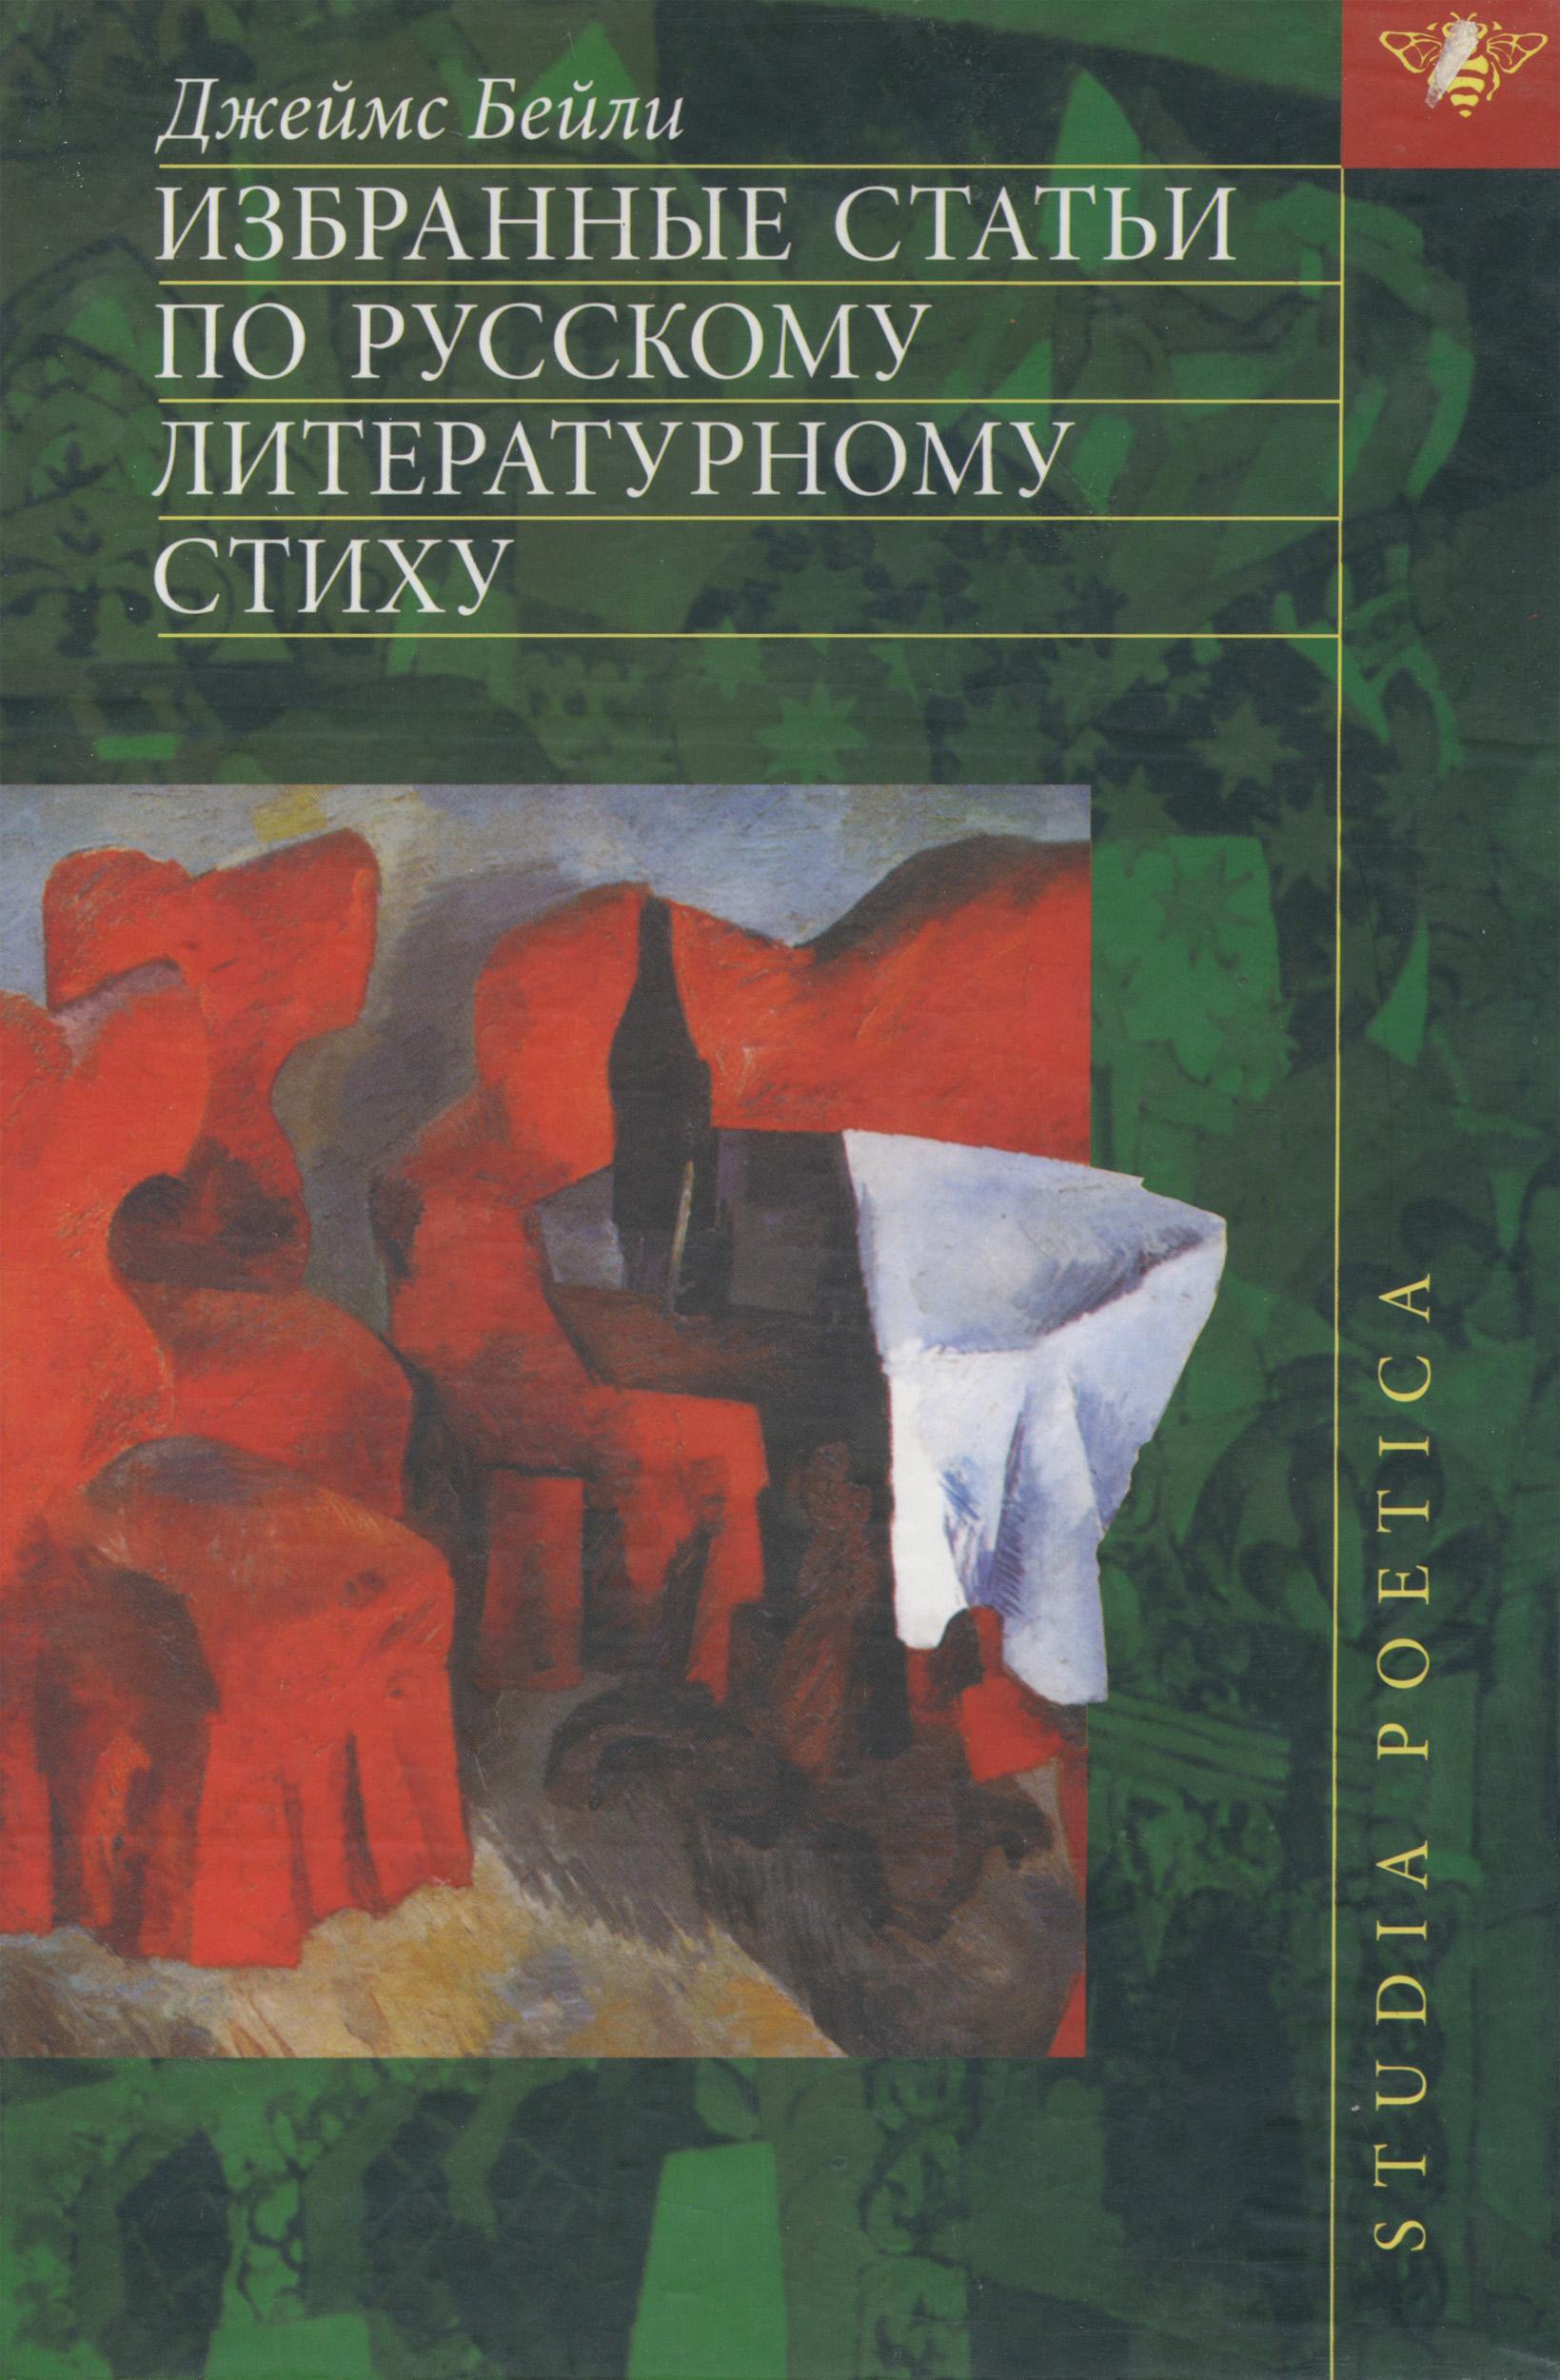 Джеймс Бейли Избранные статьи по русскому литературному стиху андрей вознесенский андрей вознесенский стихотворения и поэмы